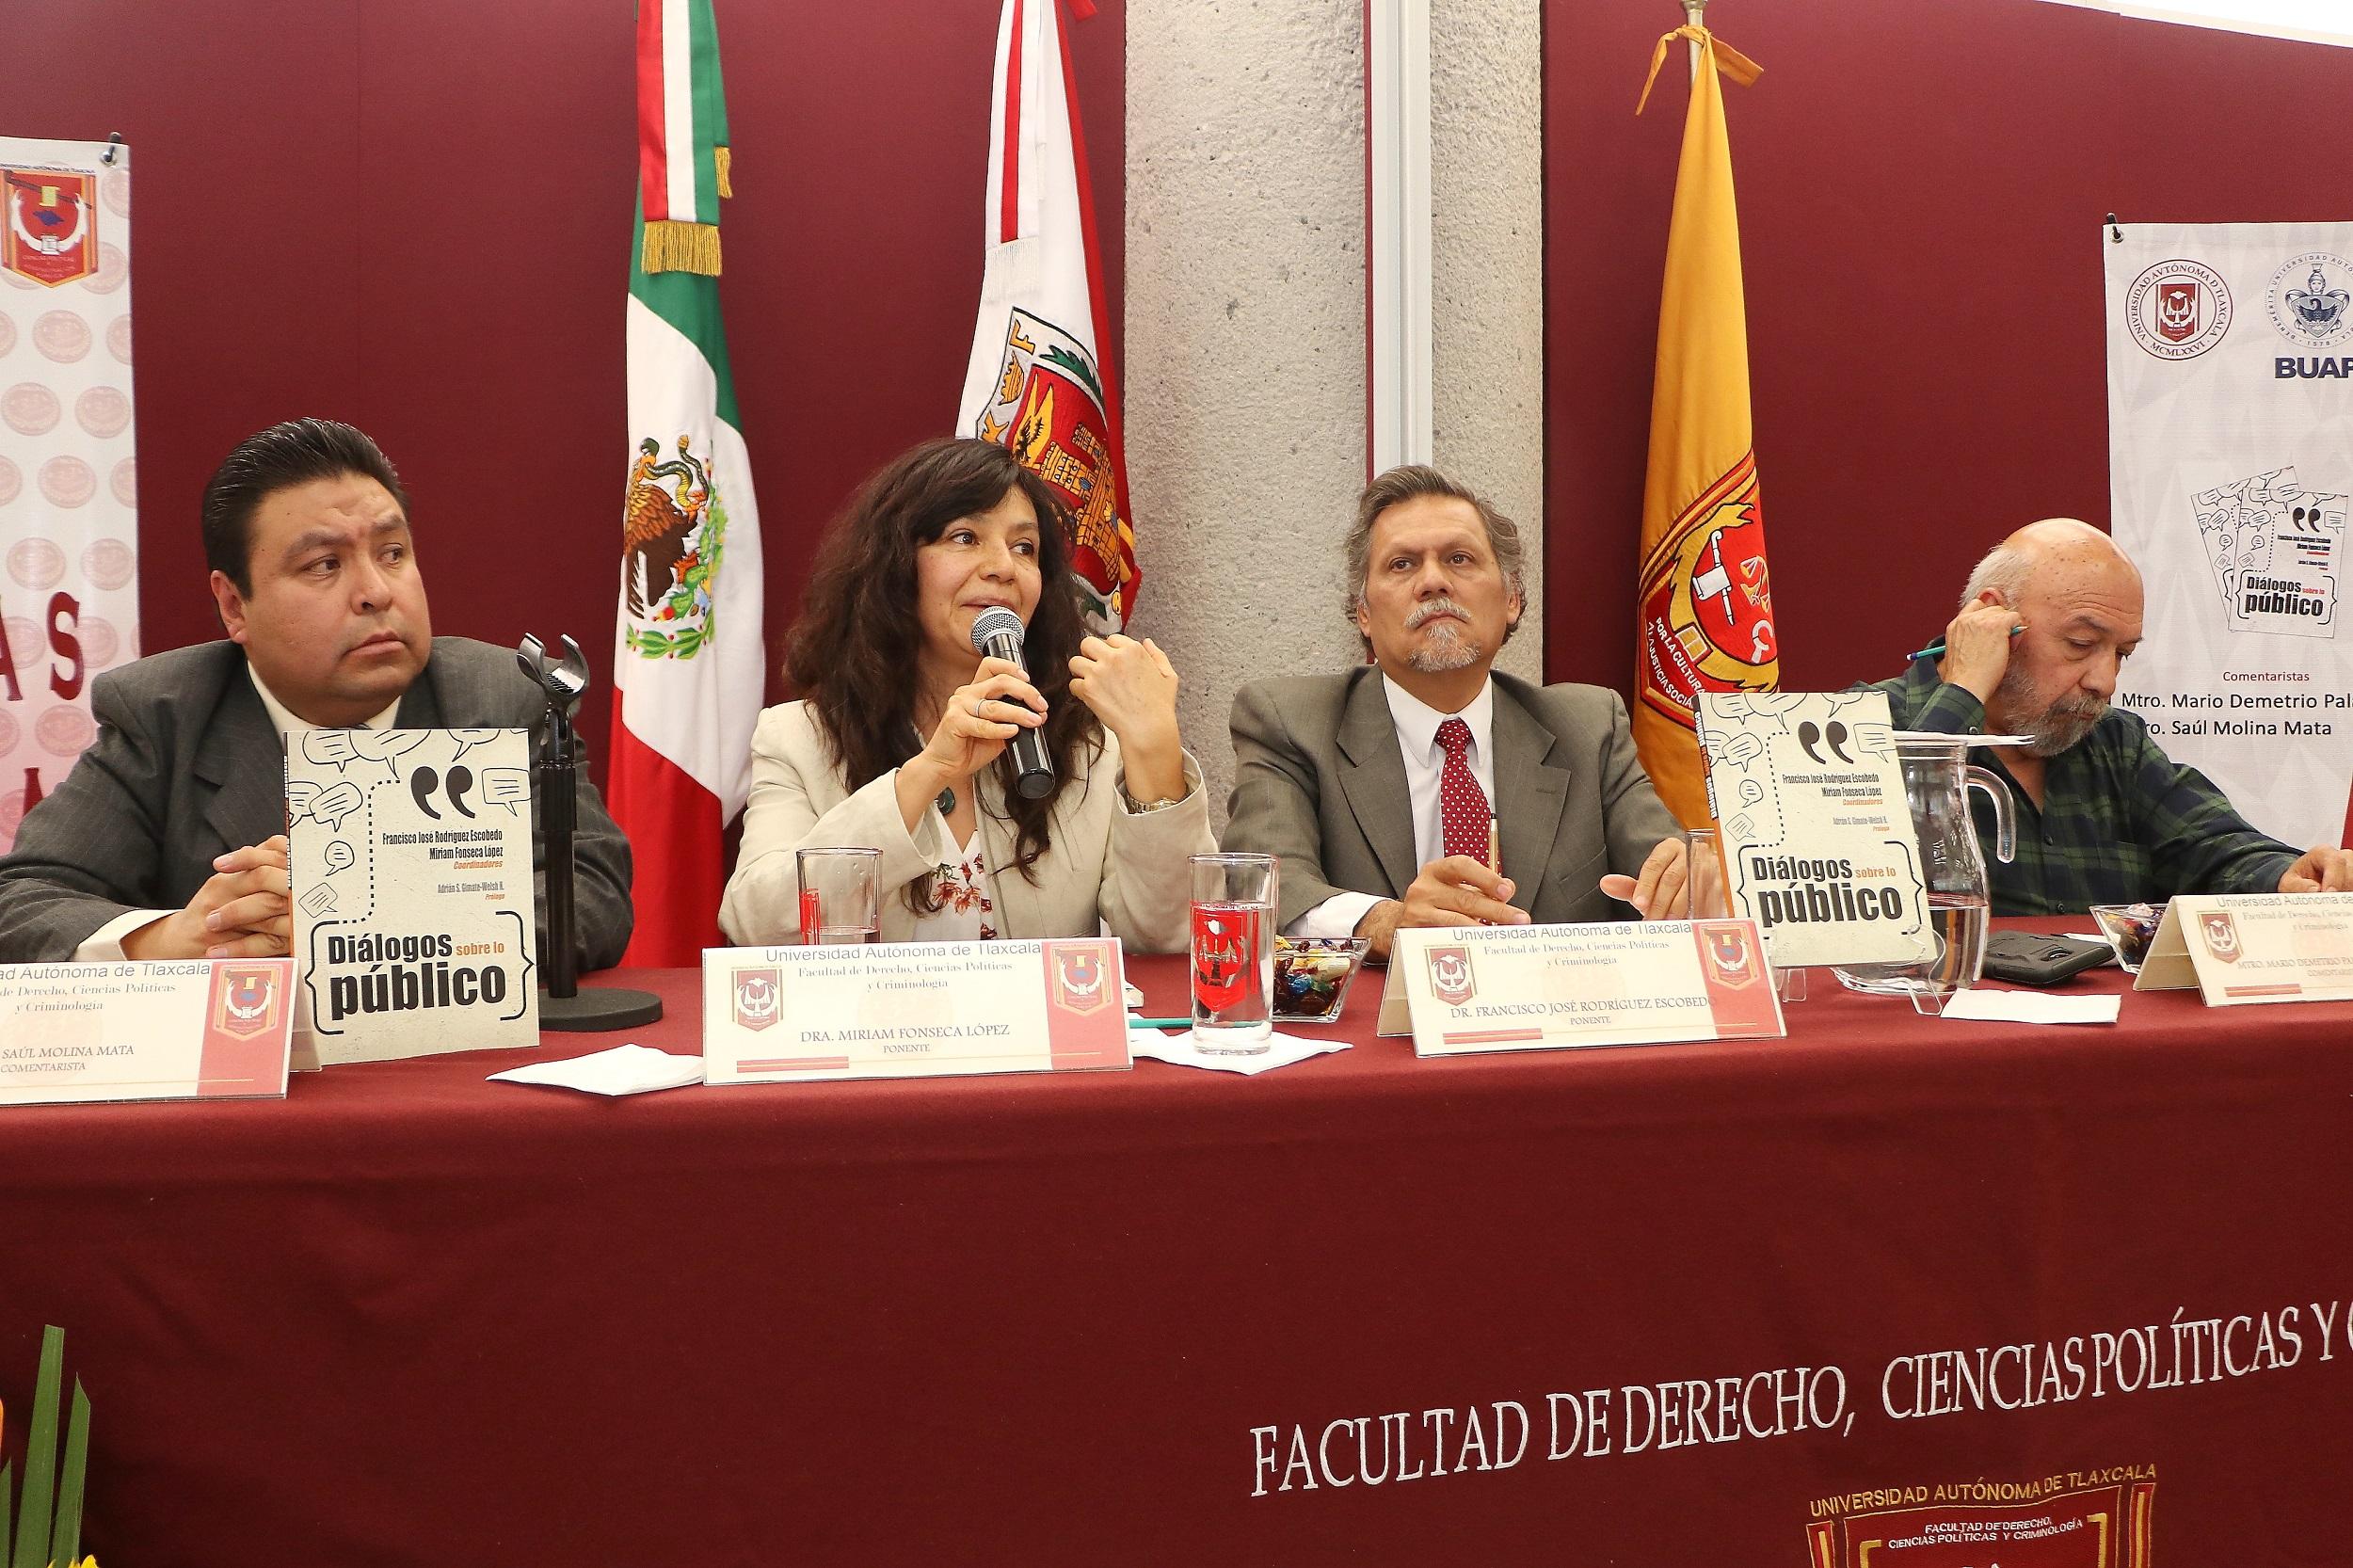 """13 Presentaron en la UATx la obra """"Diálogos sobre lo público"""""""